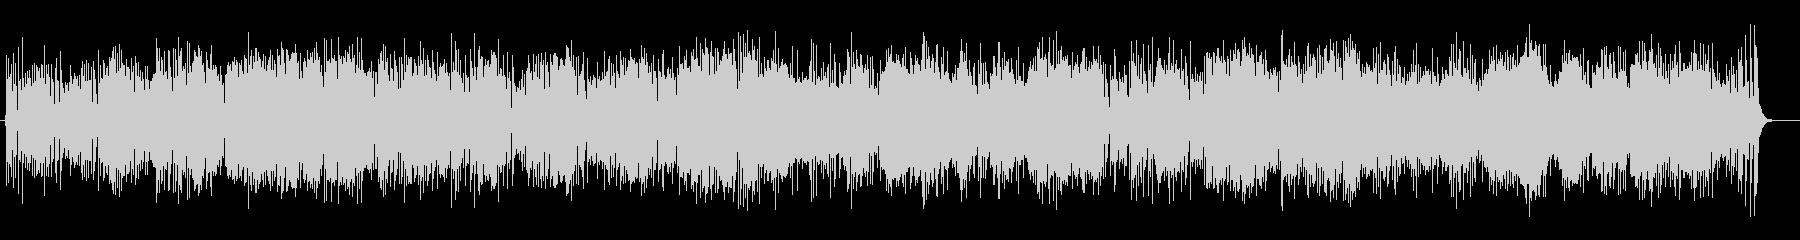 マリンバを基調とした軽快なメロディの未再生の波形